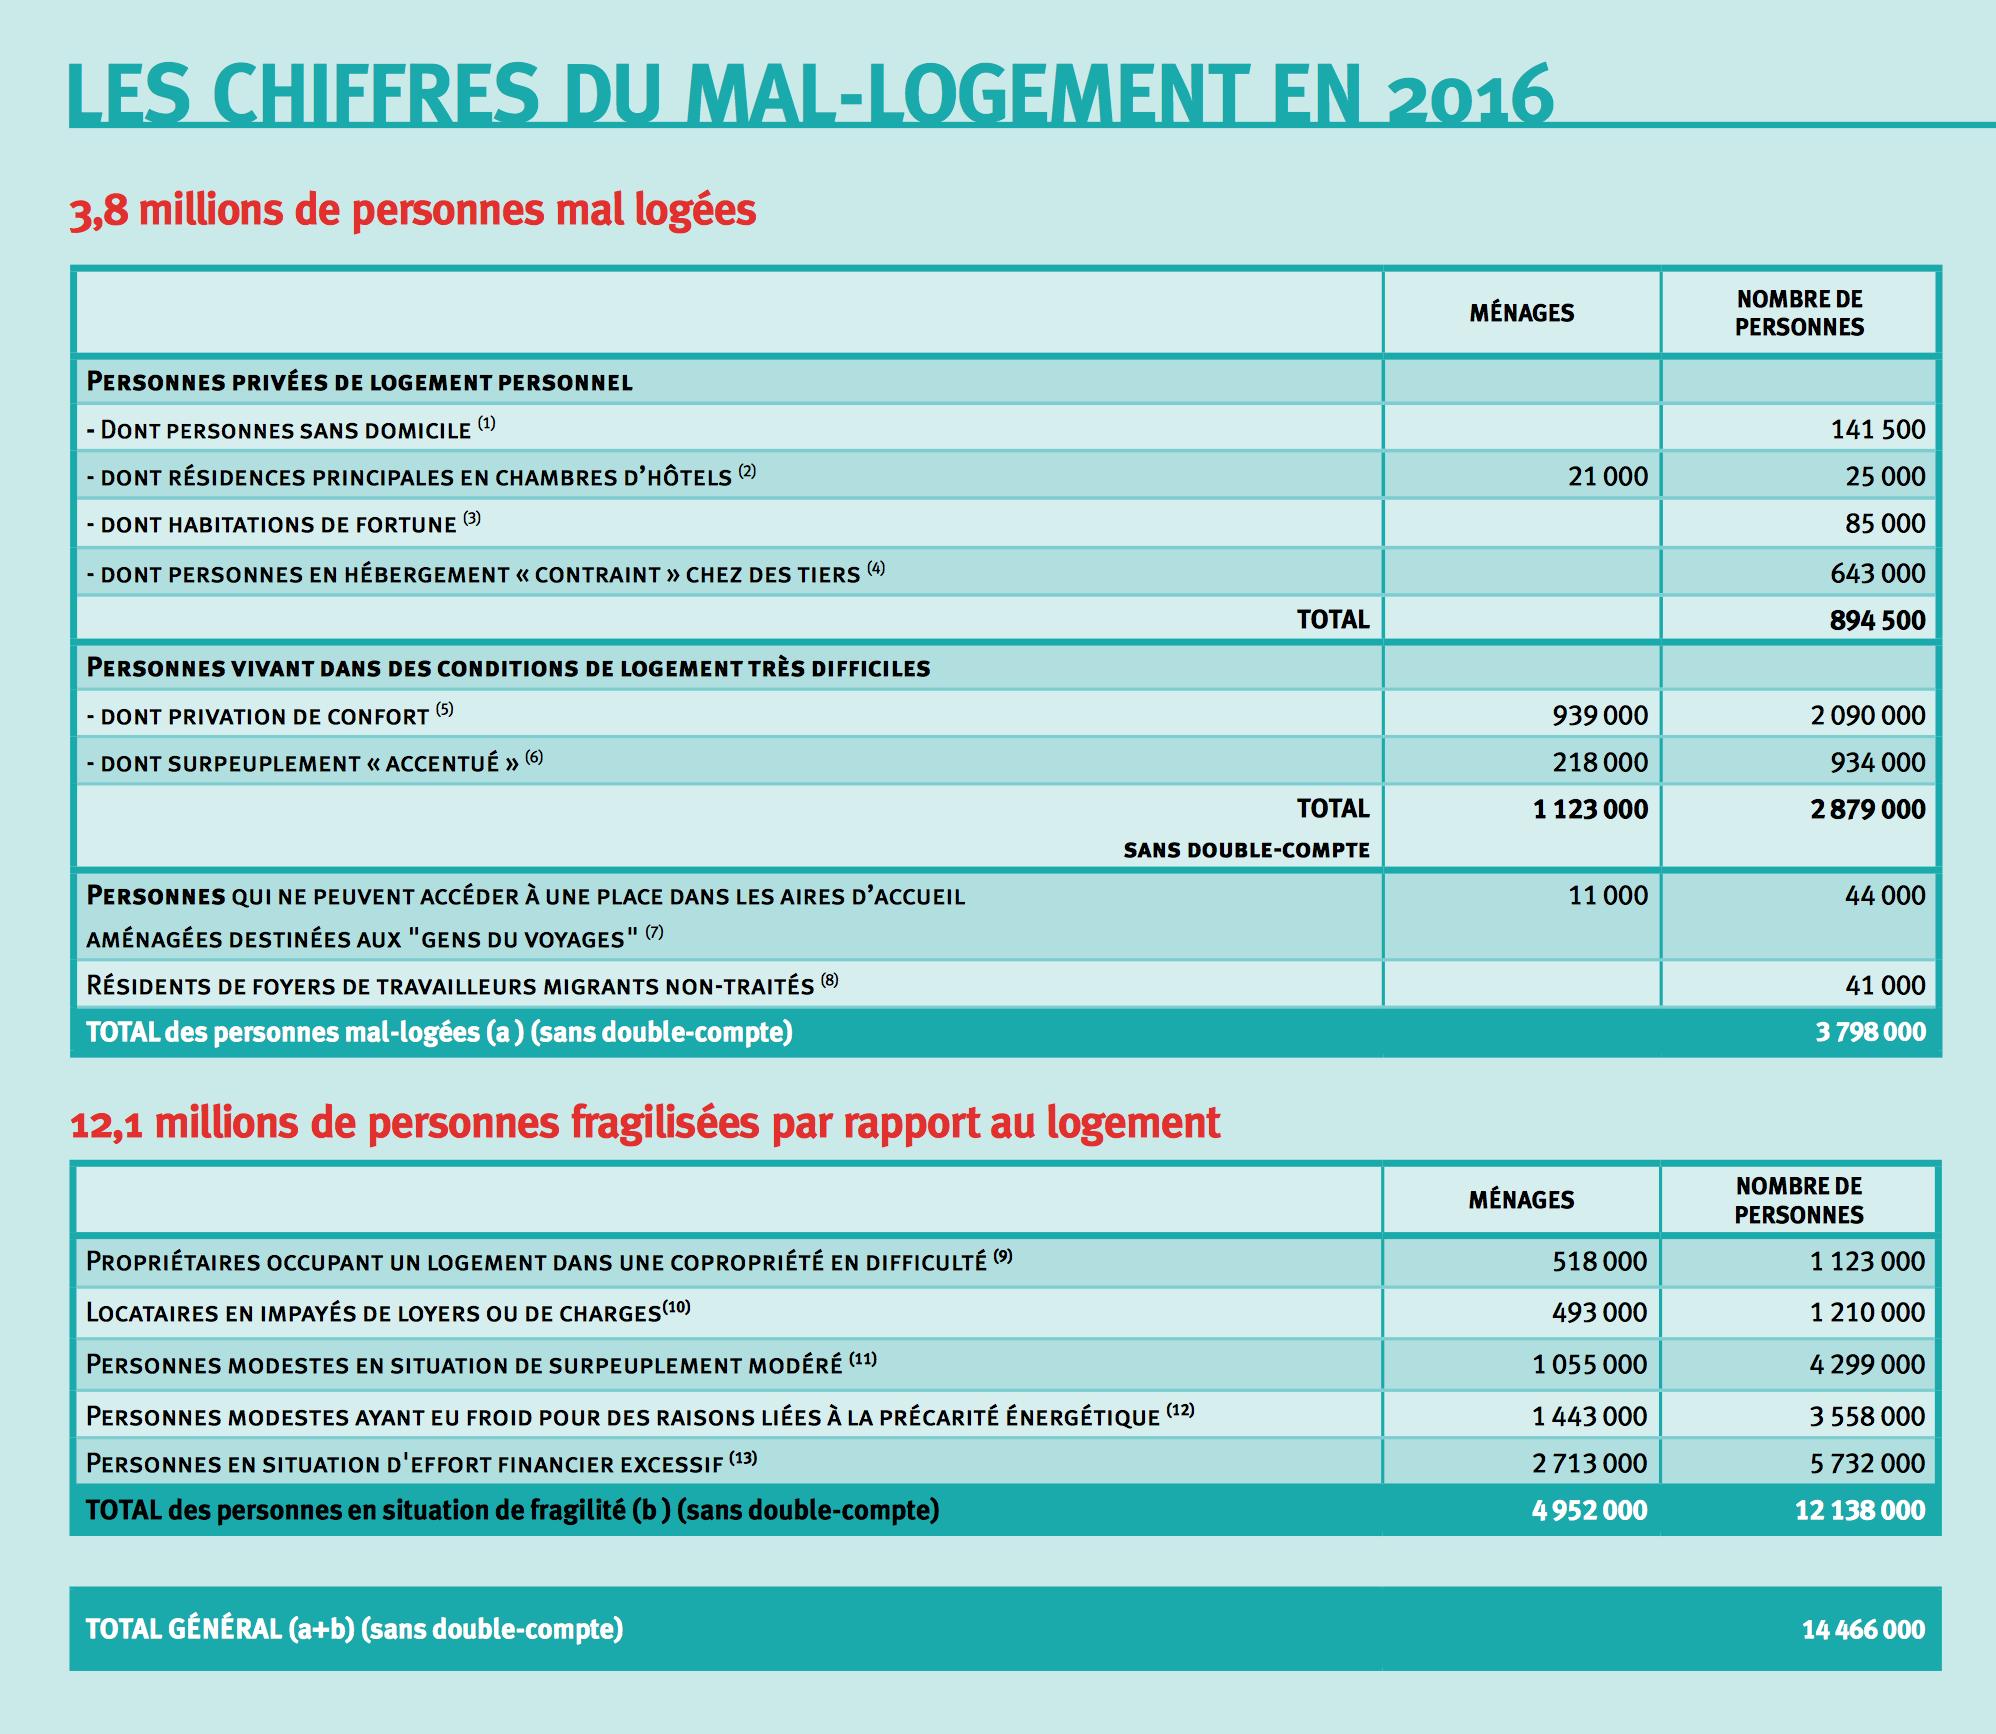 © rapport 2016 Fondation abbé Pierre